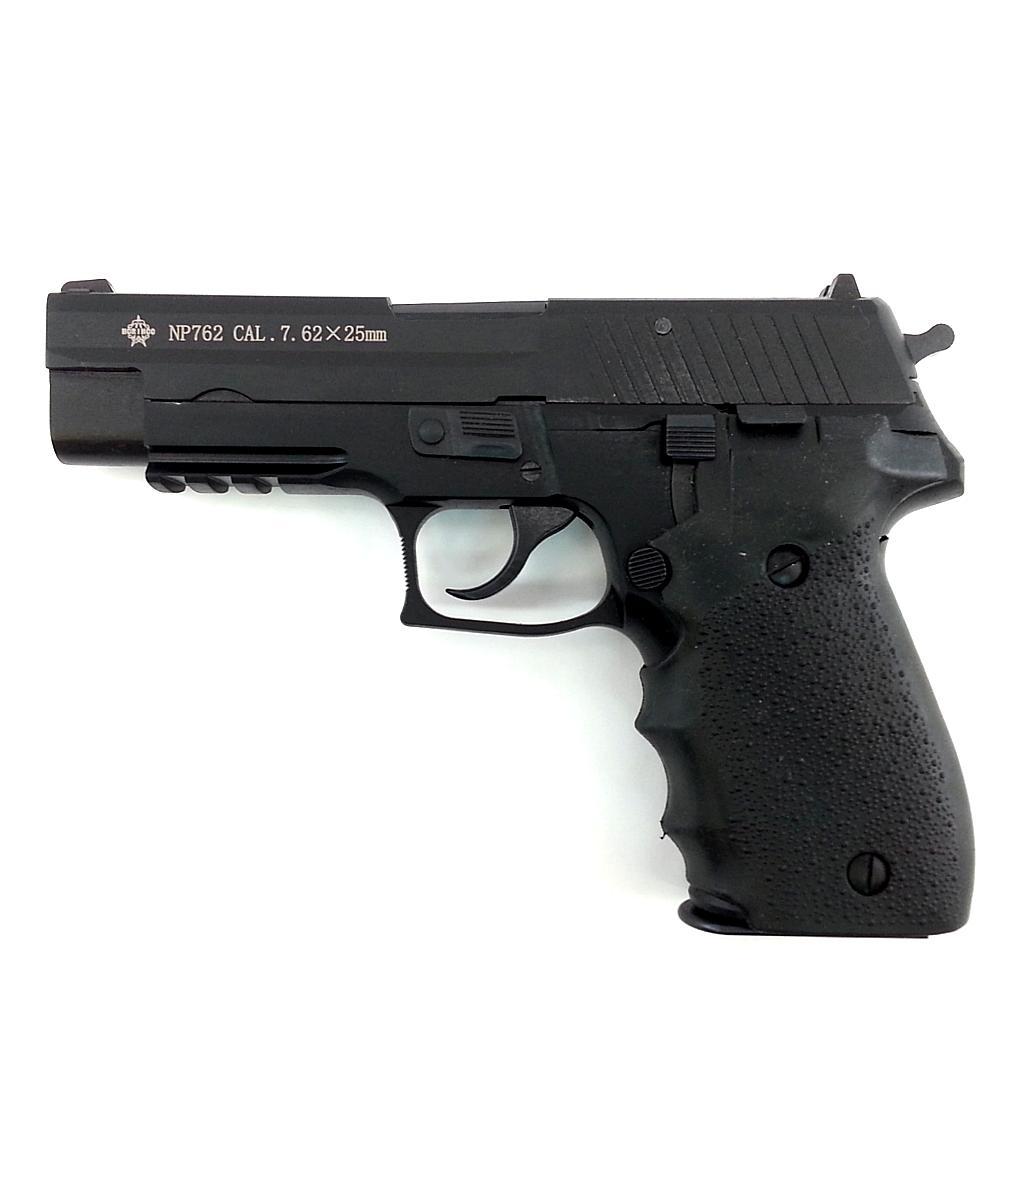 Norinco Norinco NP762 4.5″ Pistol 7.62X25